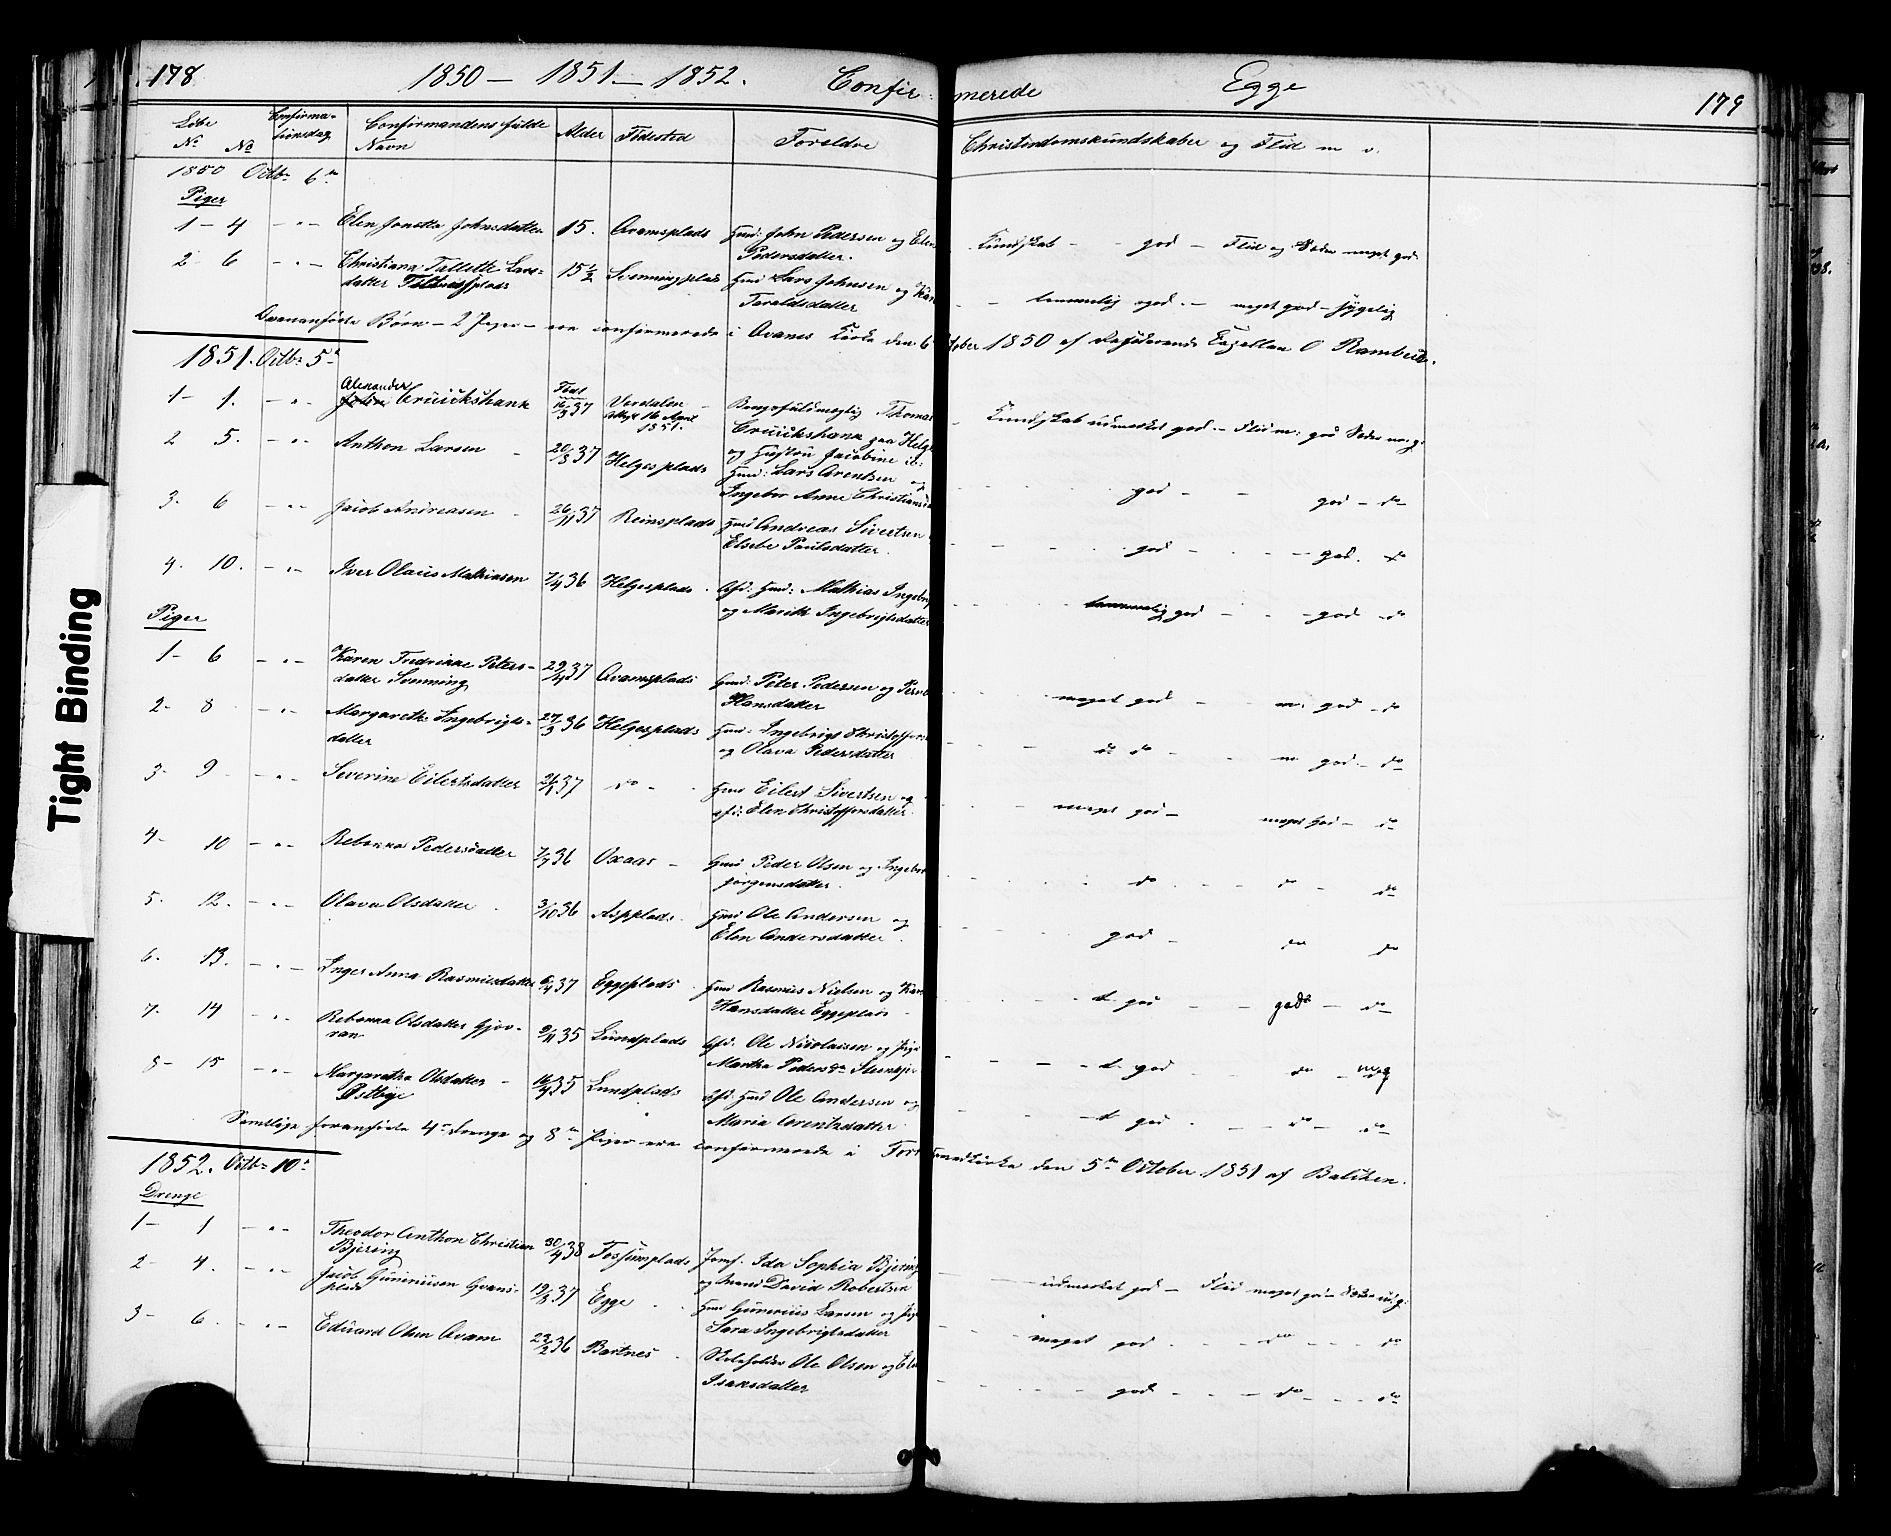 SAT, Ministerialprotokoller, klokkerbøker og fødselsregistre - Nord-Trøndelag, 739/L0367: Ministerialbok nr. 739A01 /3, 1838-1868, s. 178-179